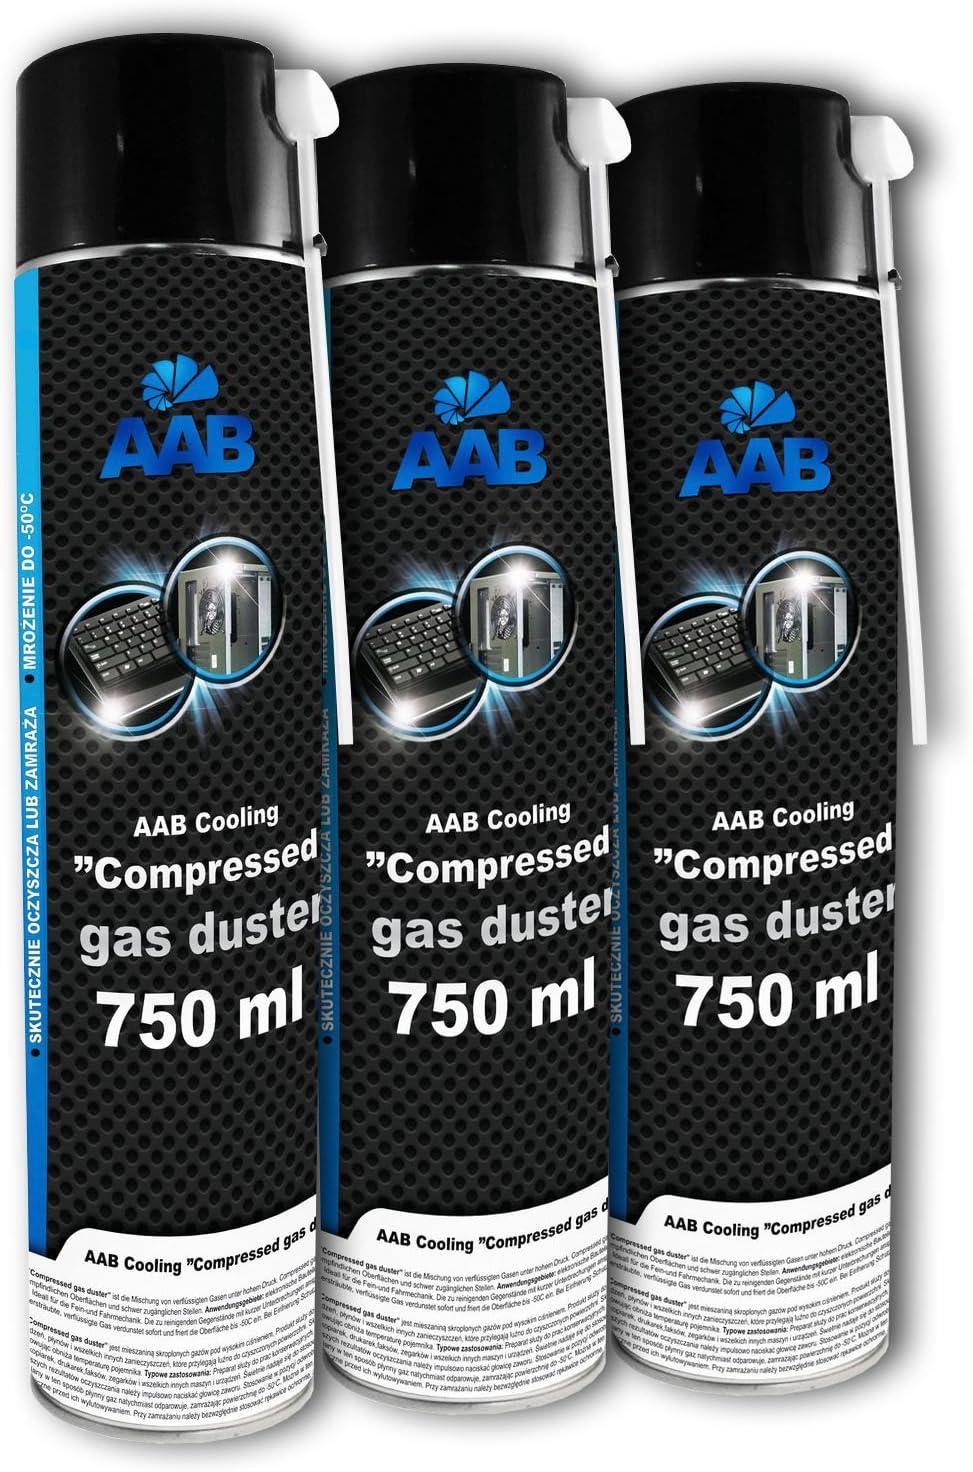 3 x AAB PC Spray Limpiador 750ml para Limpiar Teclados, Ordenadores, Copiadoras, Cámaras, Impresoras y Otros Equipos Eléctricos, Duster, Eliminación de Polvo, Aire Comprimido, Botella, Soplador